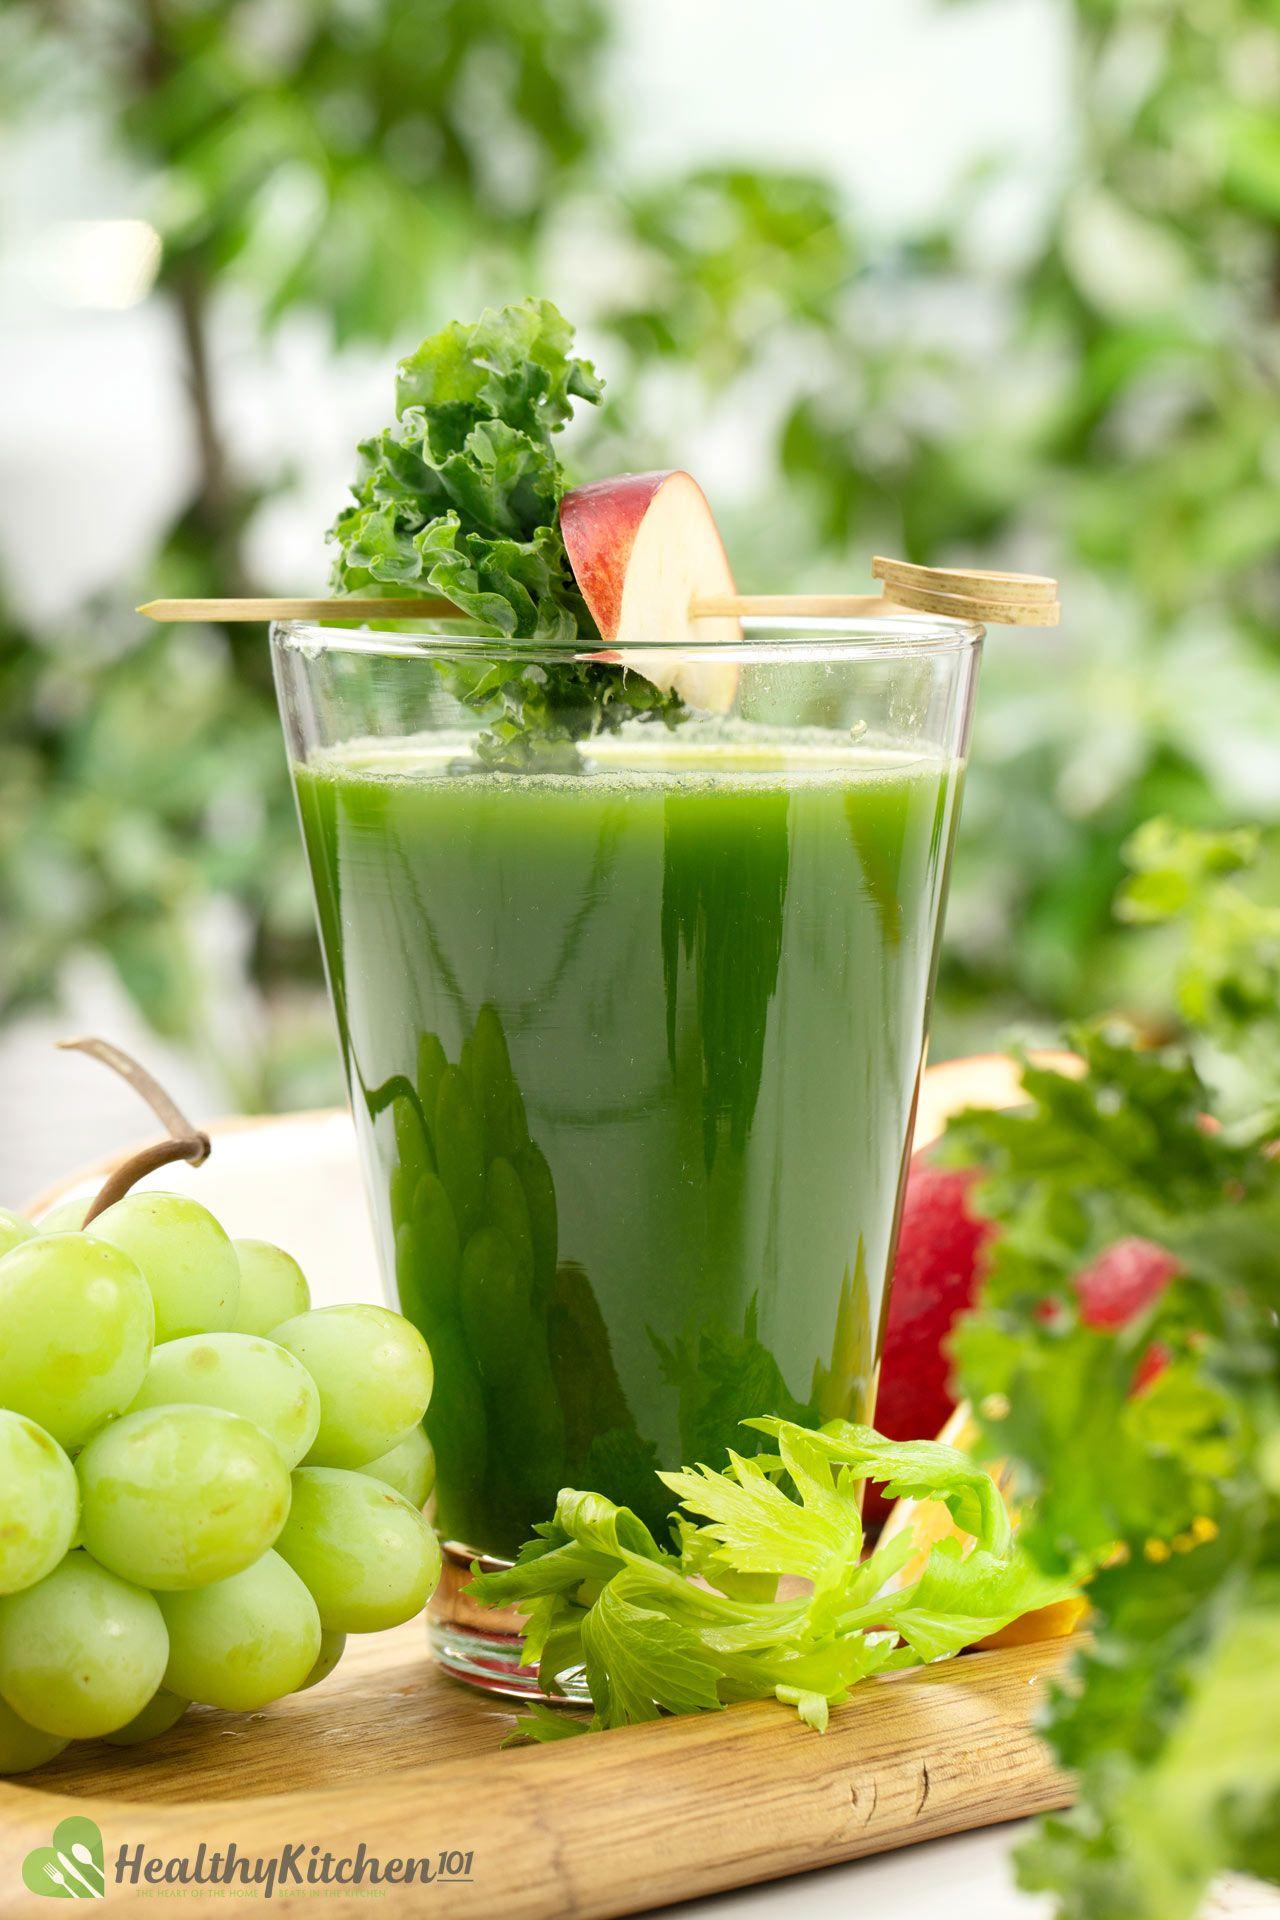 Homemade Green Machine Juice Recipe